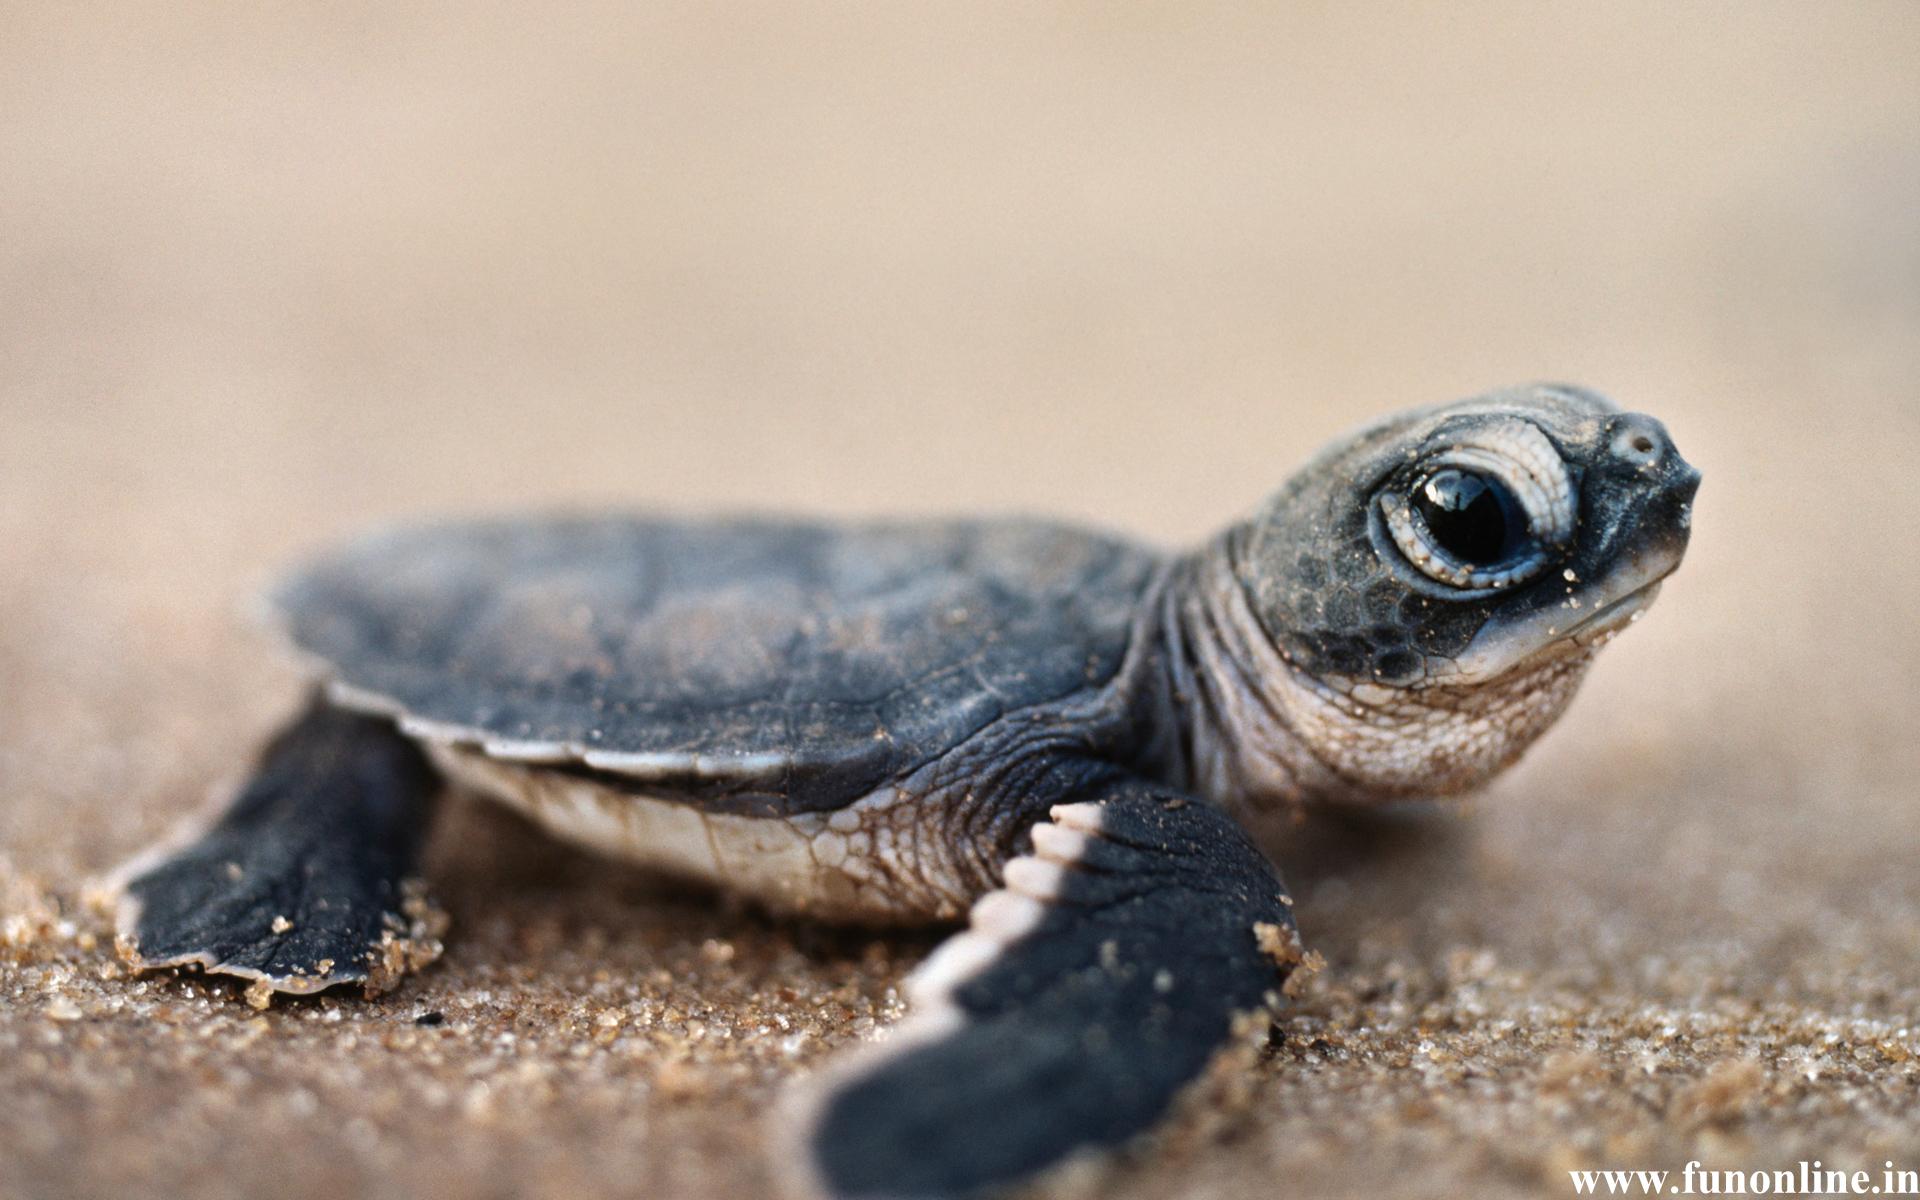 Cute Green Sea Turtle HD Wallpaper